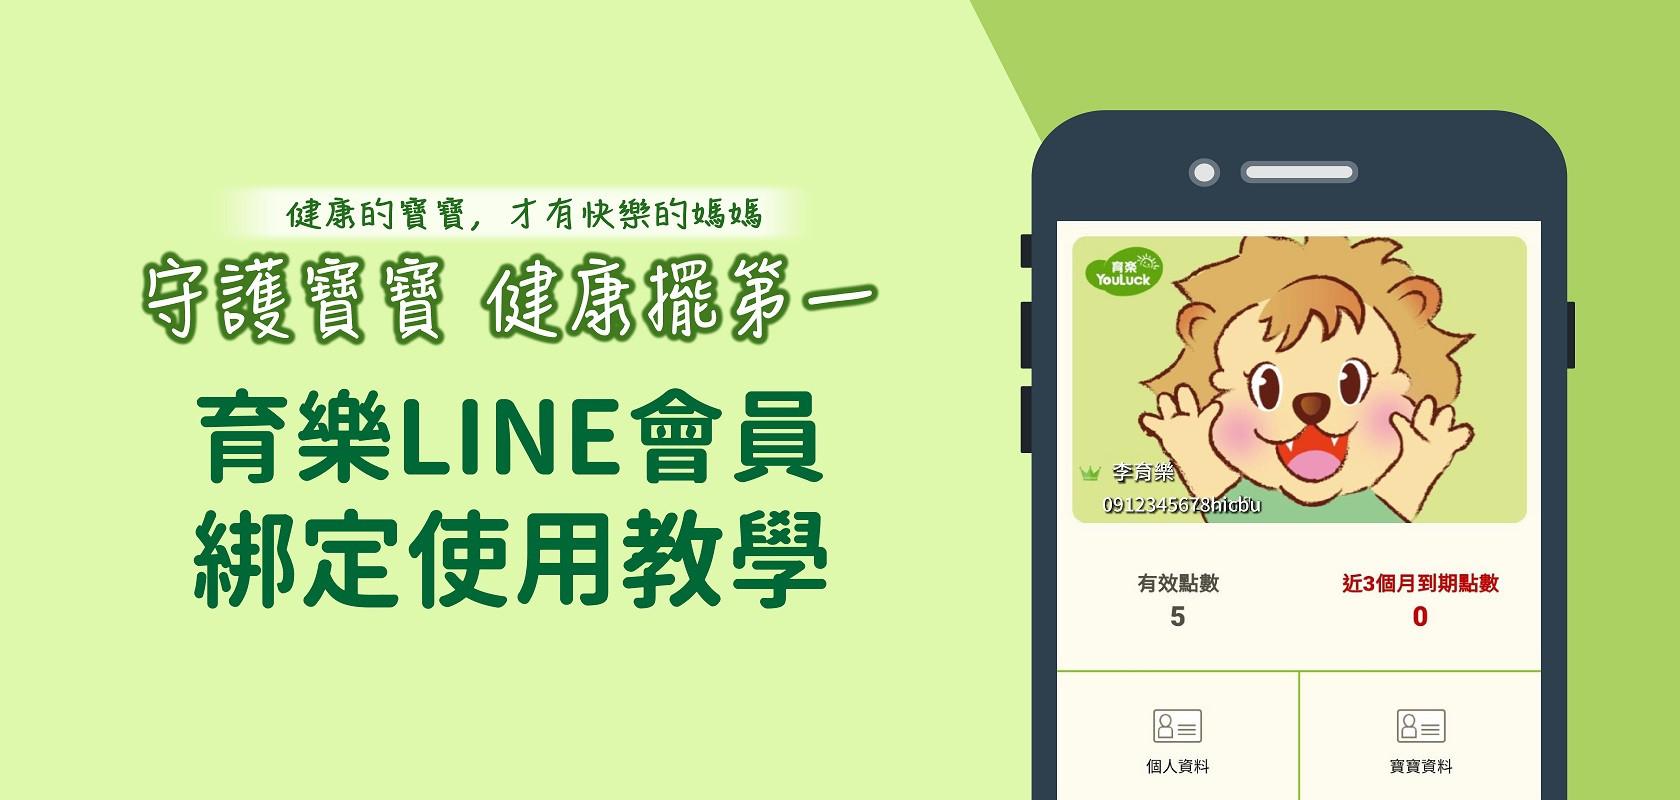 育樂加入Line會員註冊教學